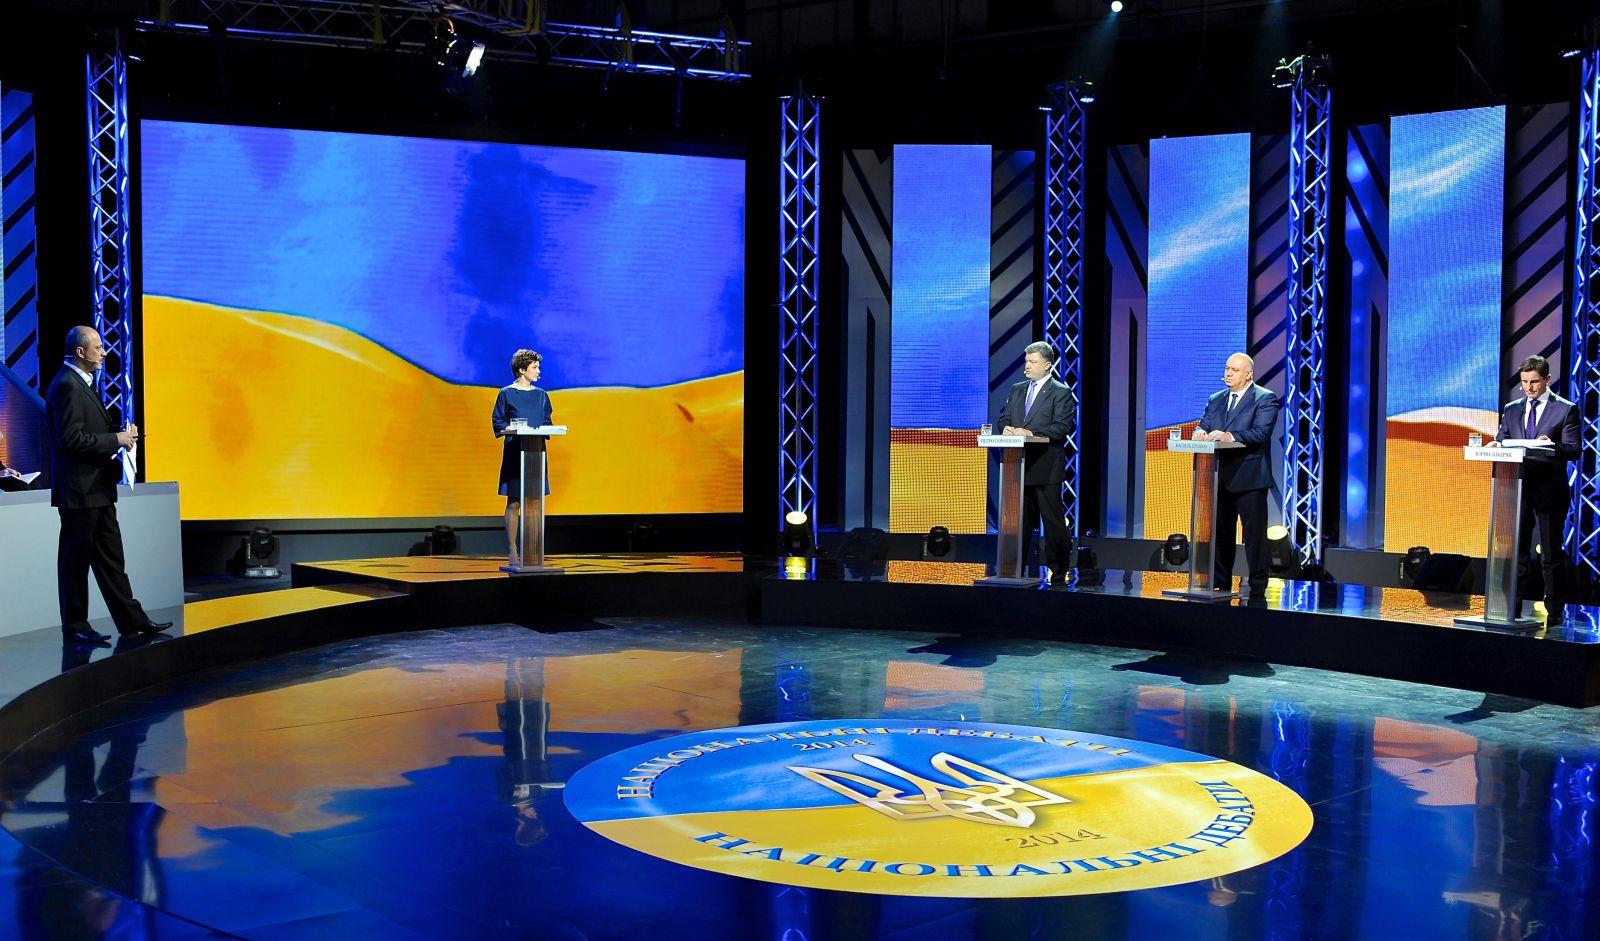 Національні дебати, набирання обертів: Порошенко, Цушко, Шкіряк